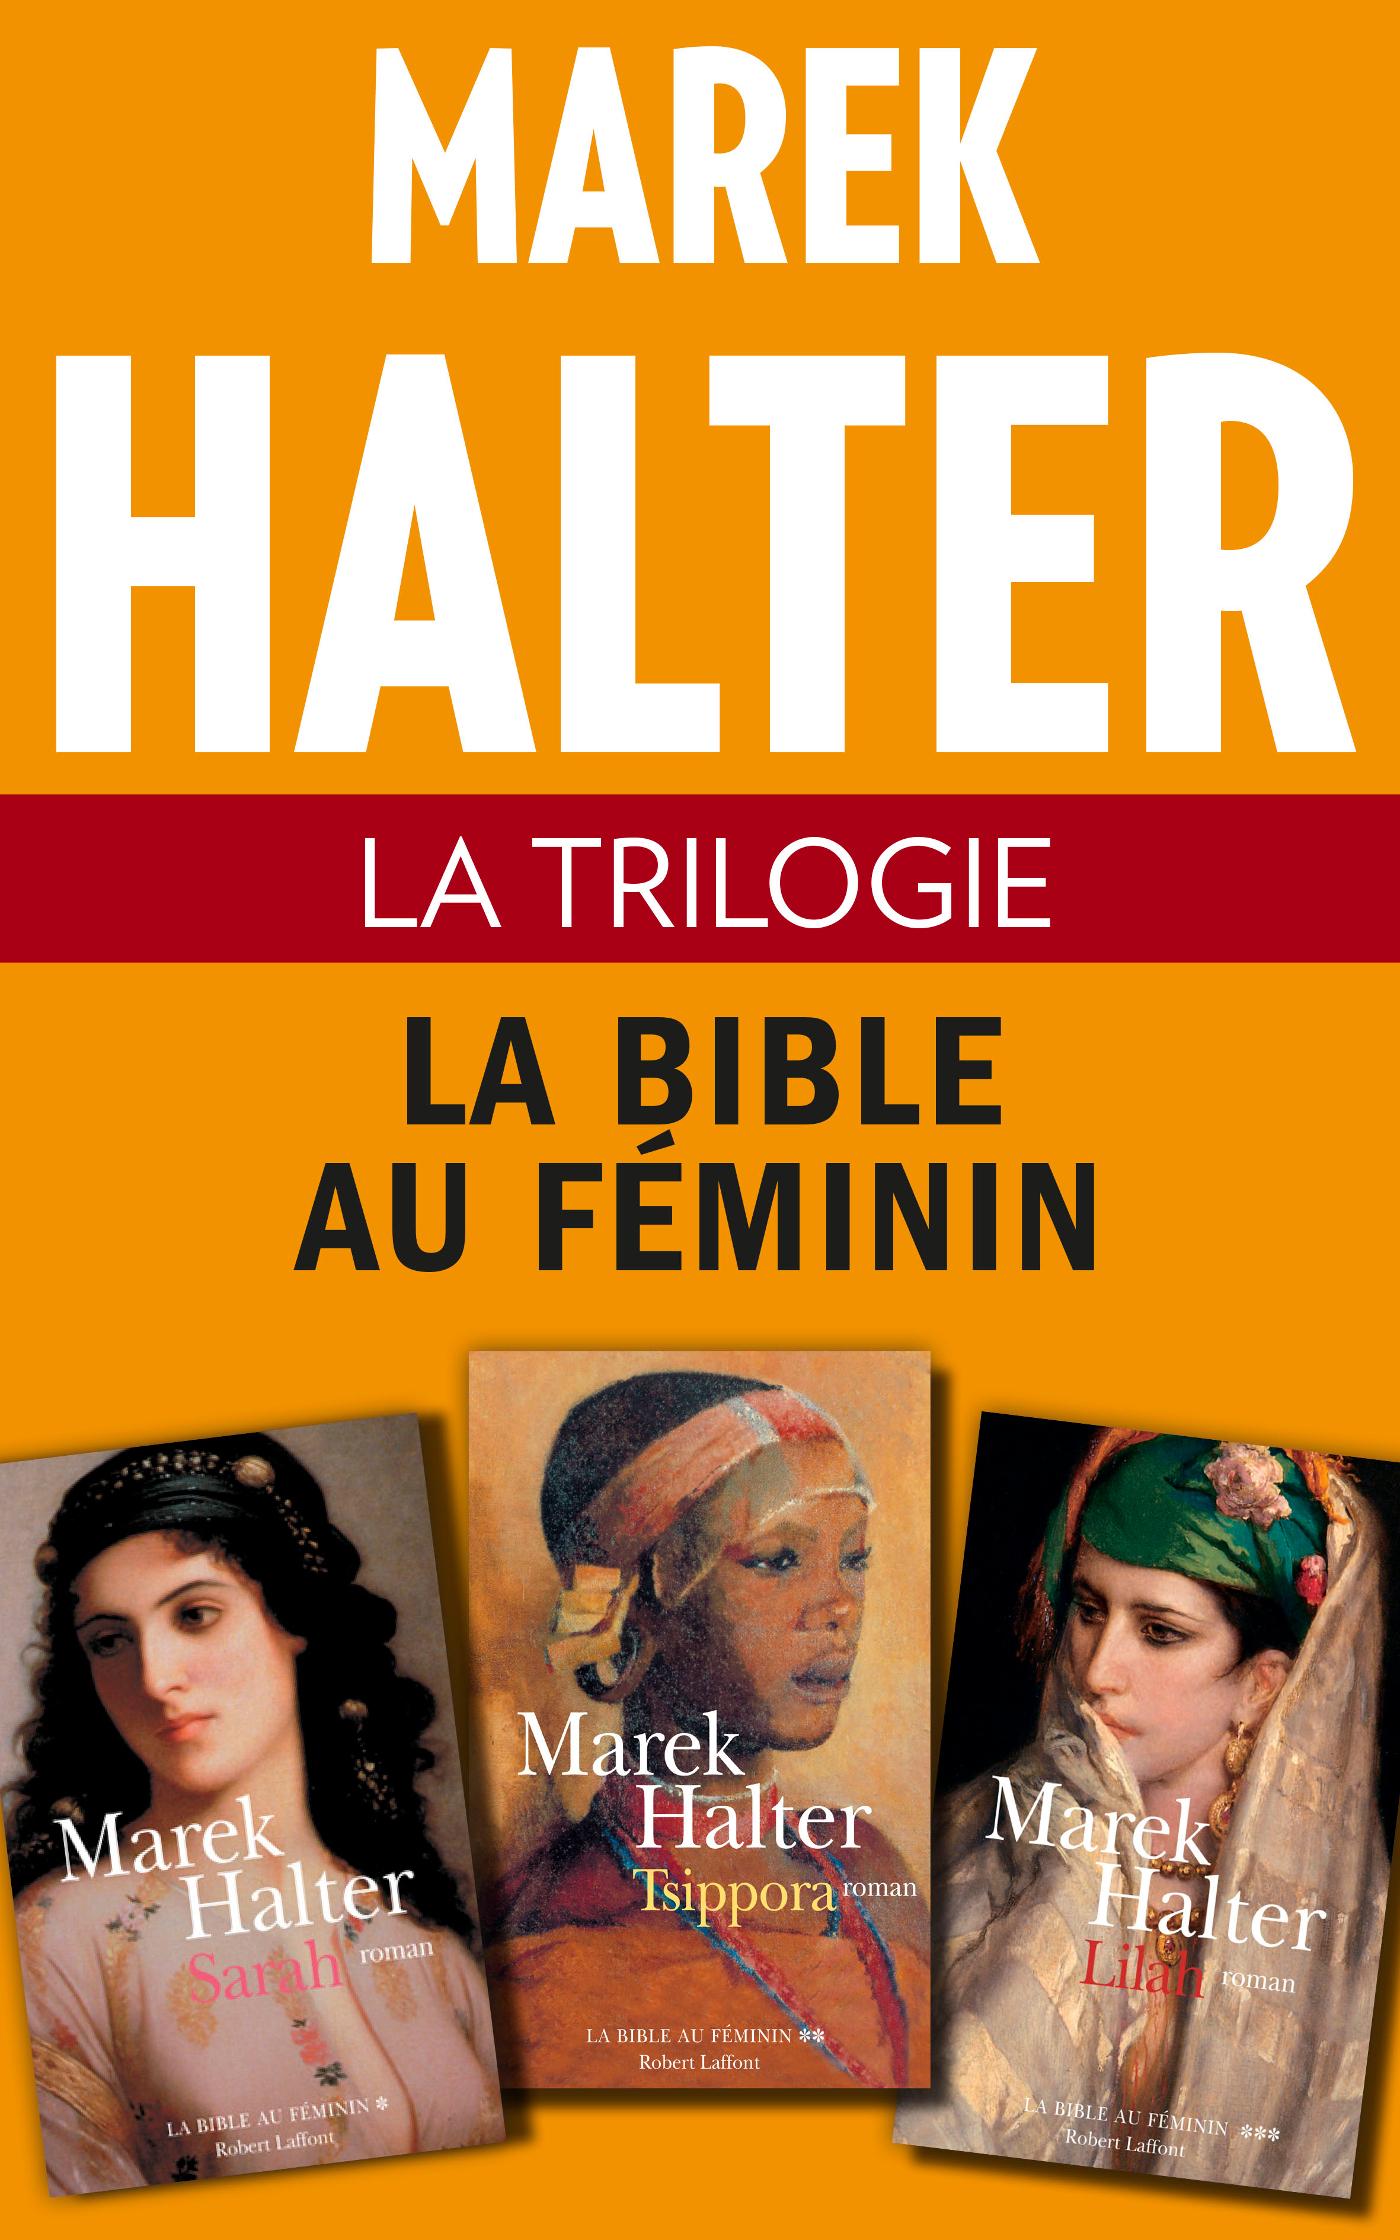 La Trilogie La Bible au féminin (ebook)